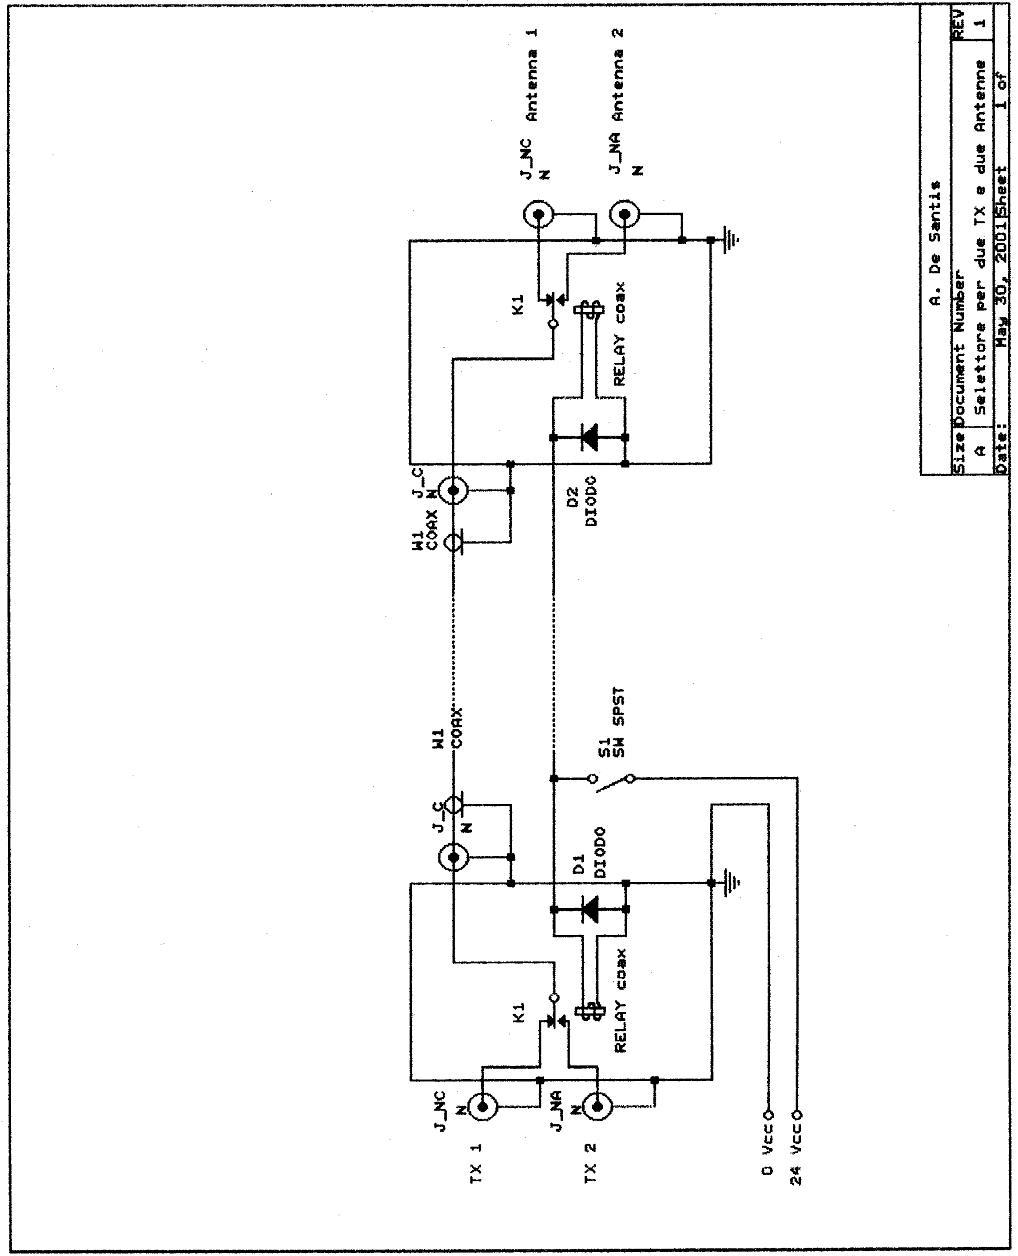 Schema Elettrico Selettore A Chiave : Air radiorama selettore per due rtx e antenne